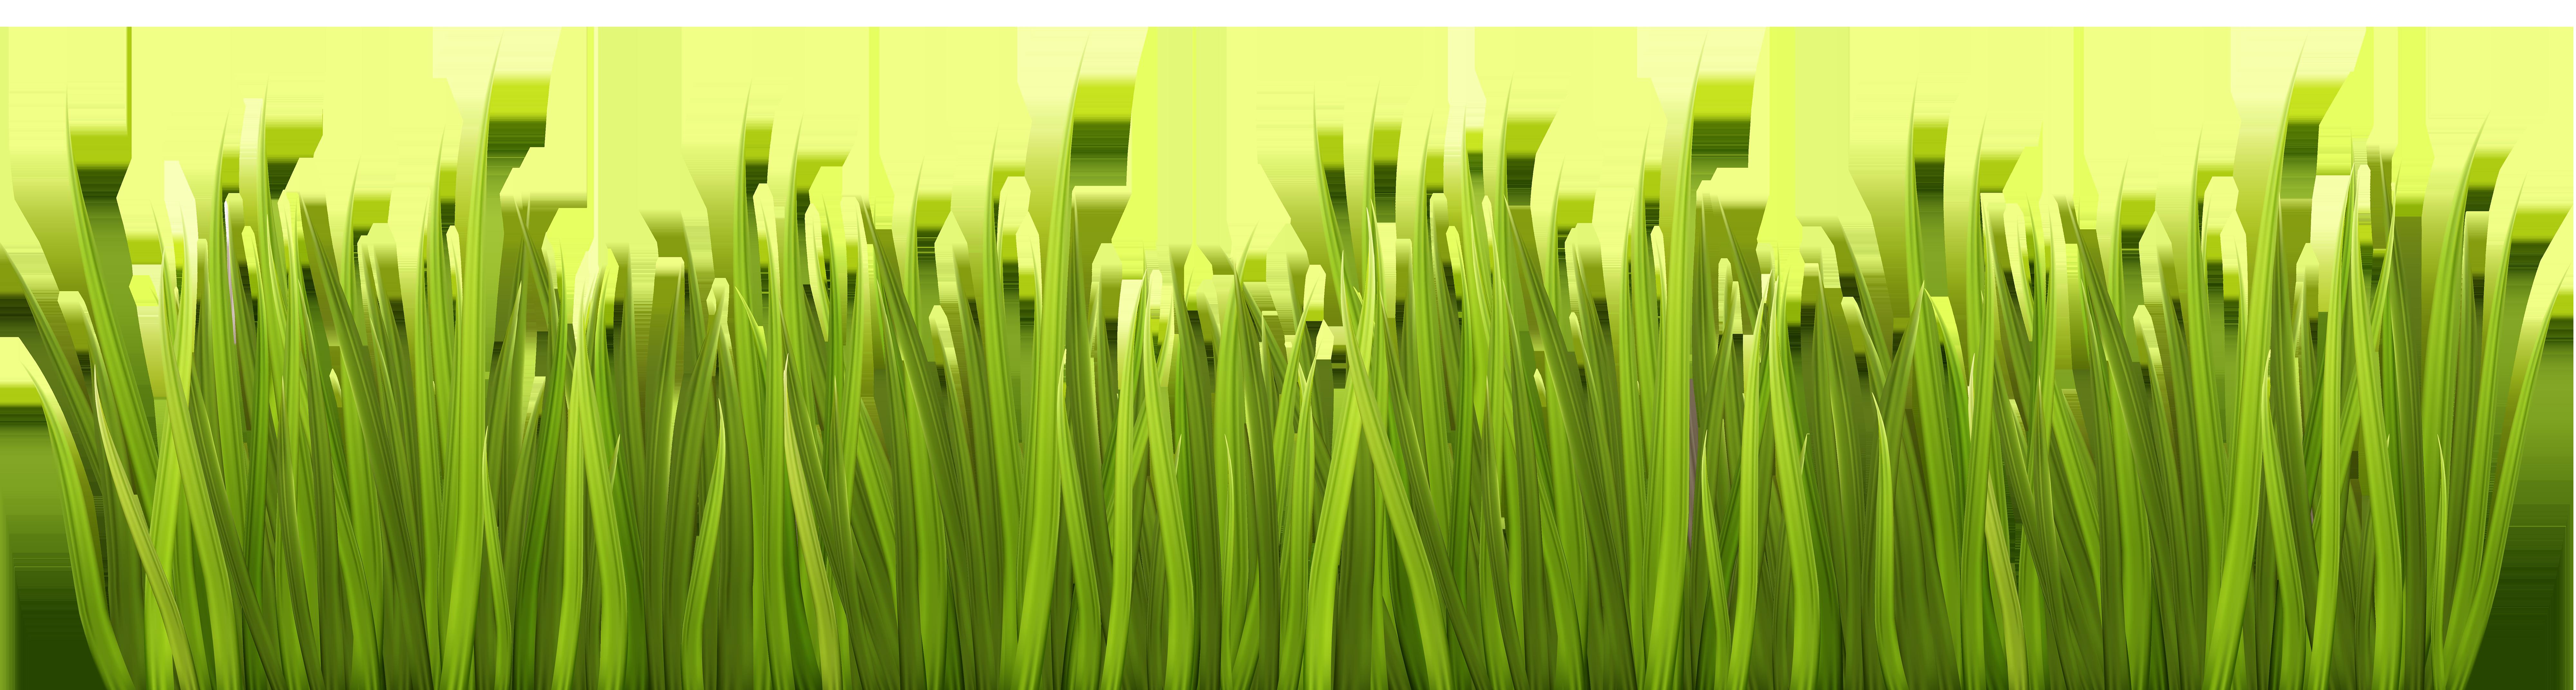 Clipart grass fodder. Lawn garden clip art